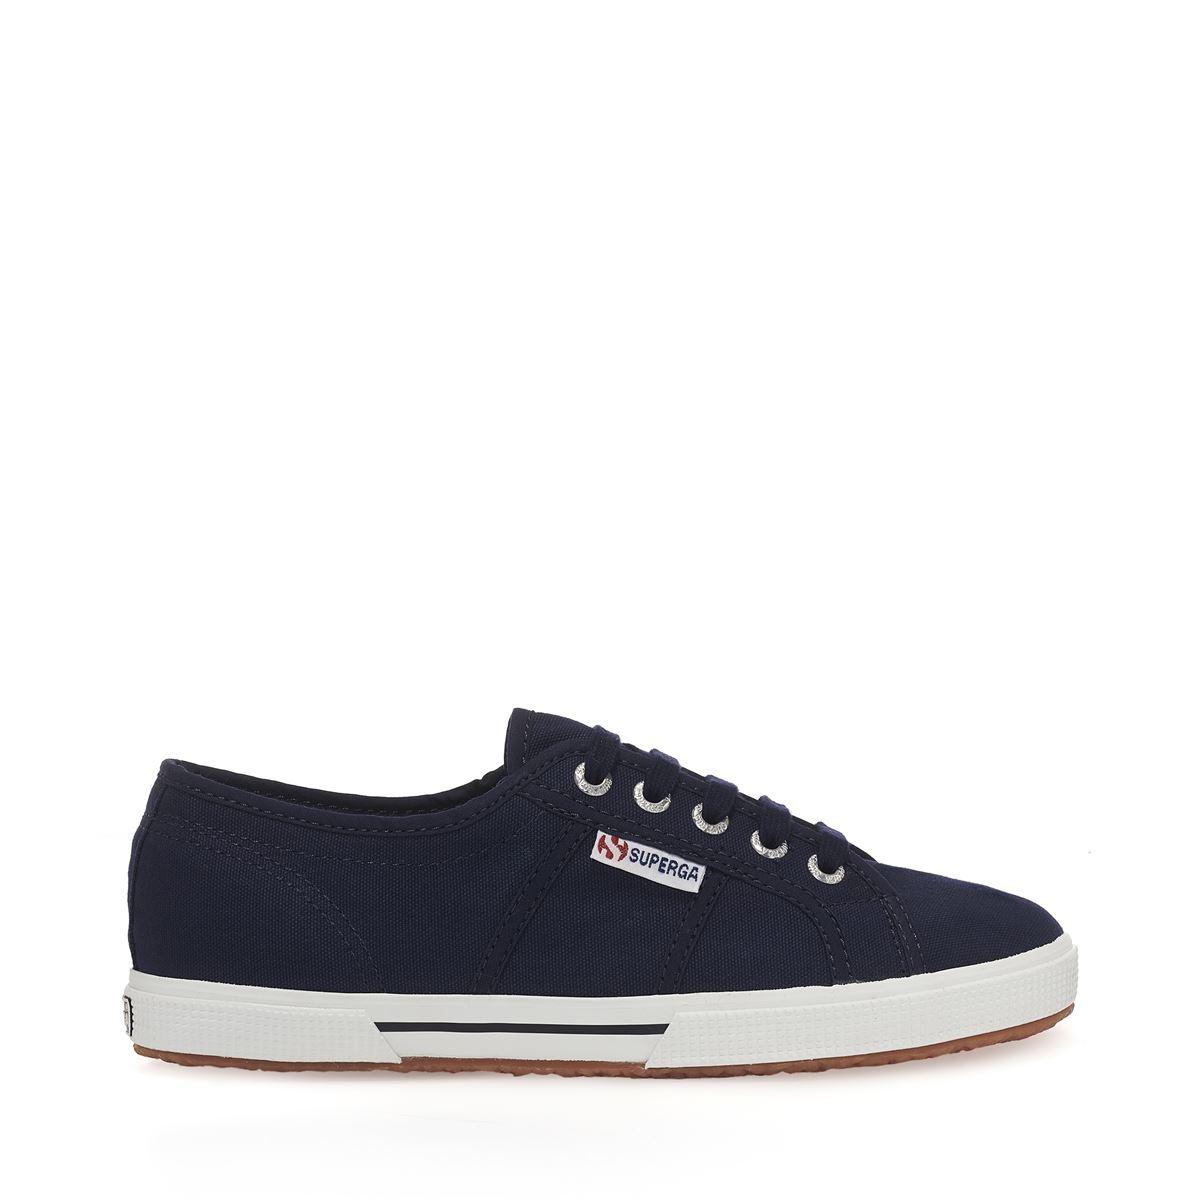 Superga Scarpe Sneakers 2950-COTU Uomo Donna Viaggio Basso